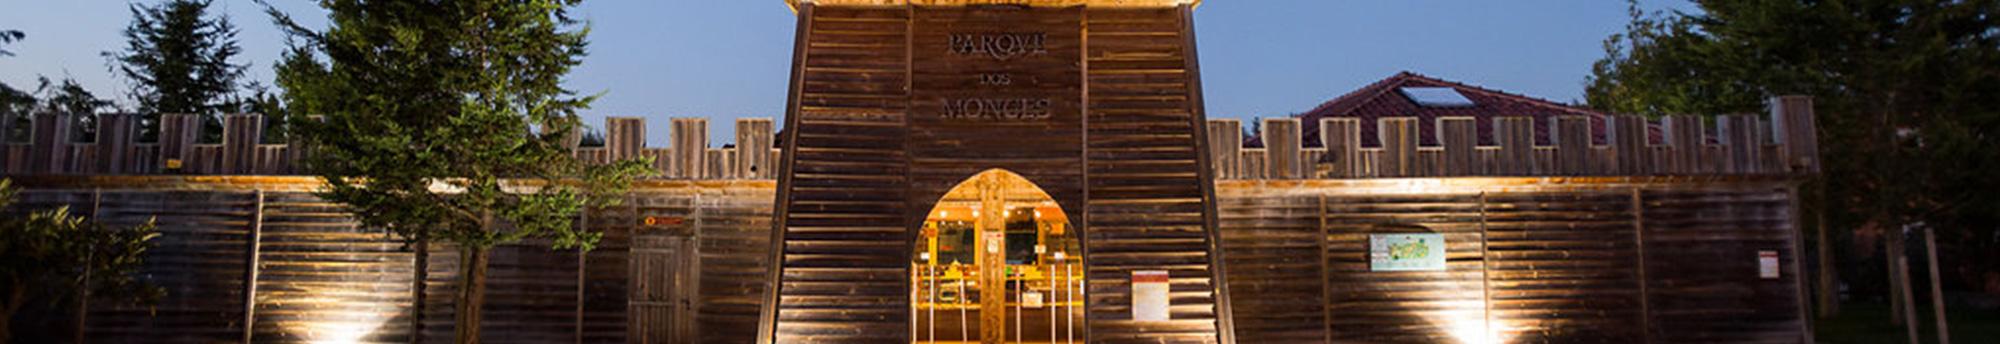 Hotel + Bilhetes Parque dos Monges